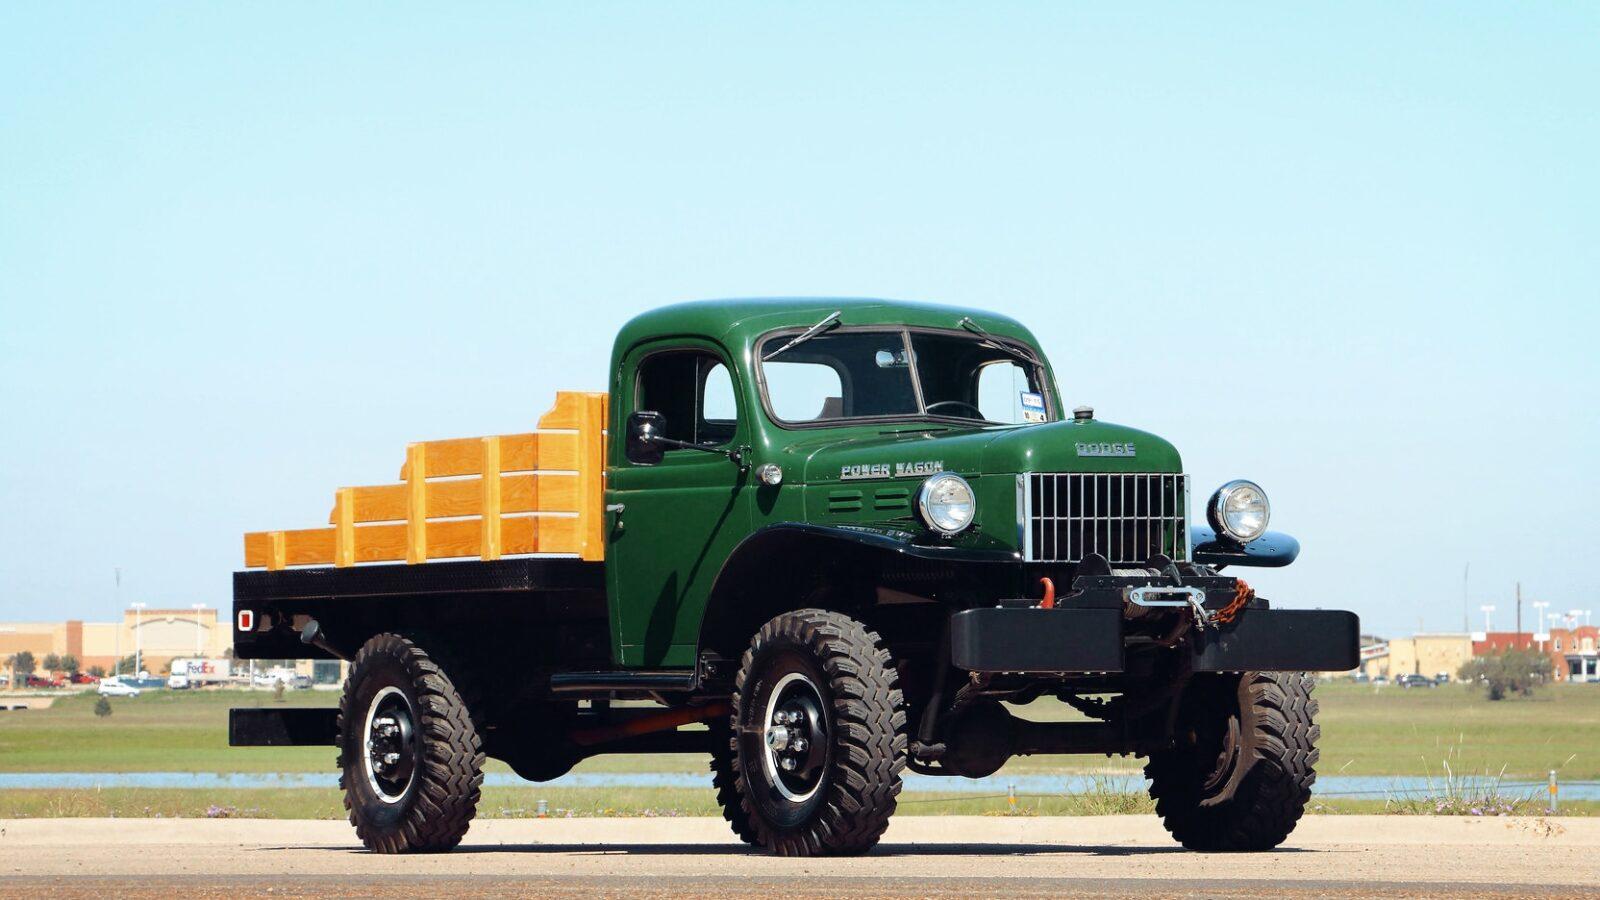 Dodge Power Wagon 11 1600x900 - 1955 Dodge Power Wagon